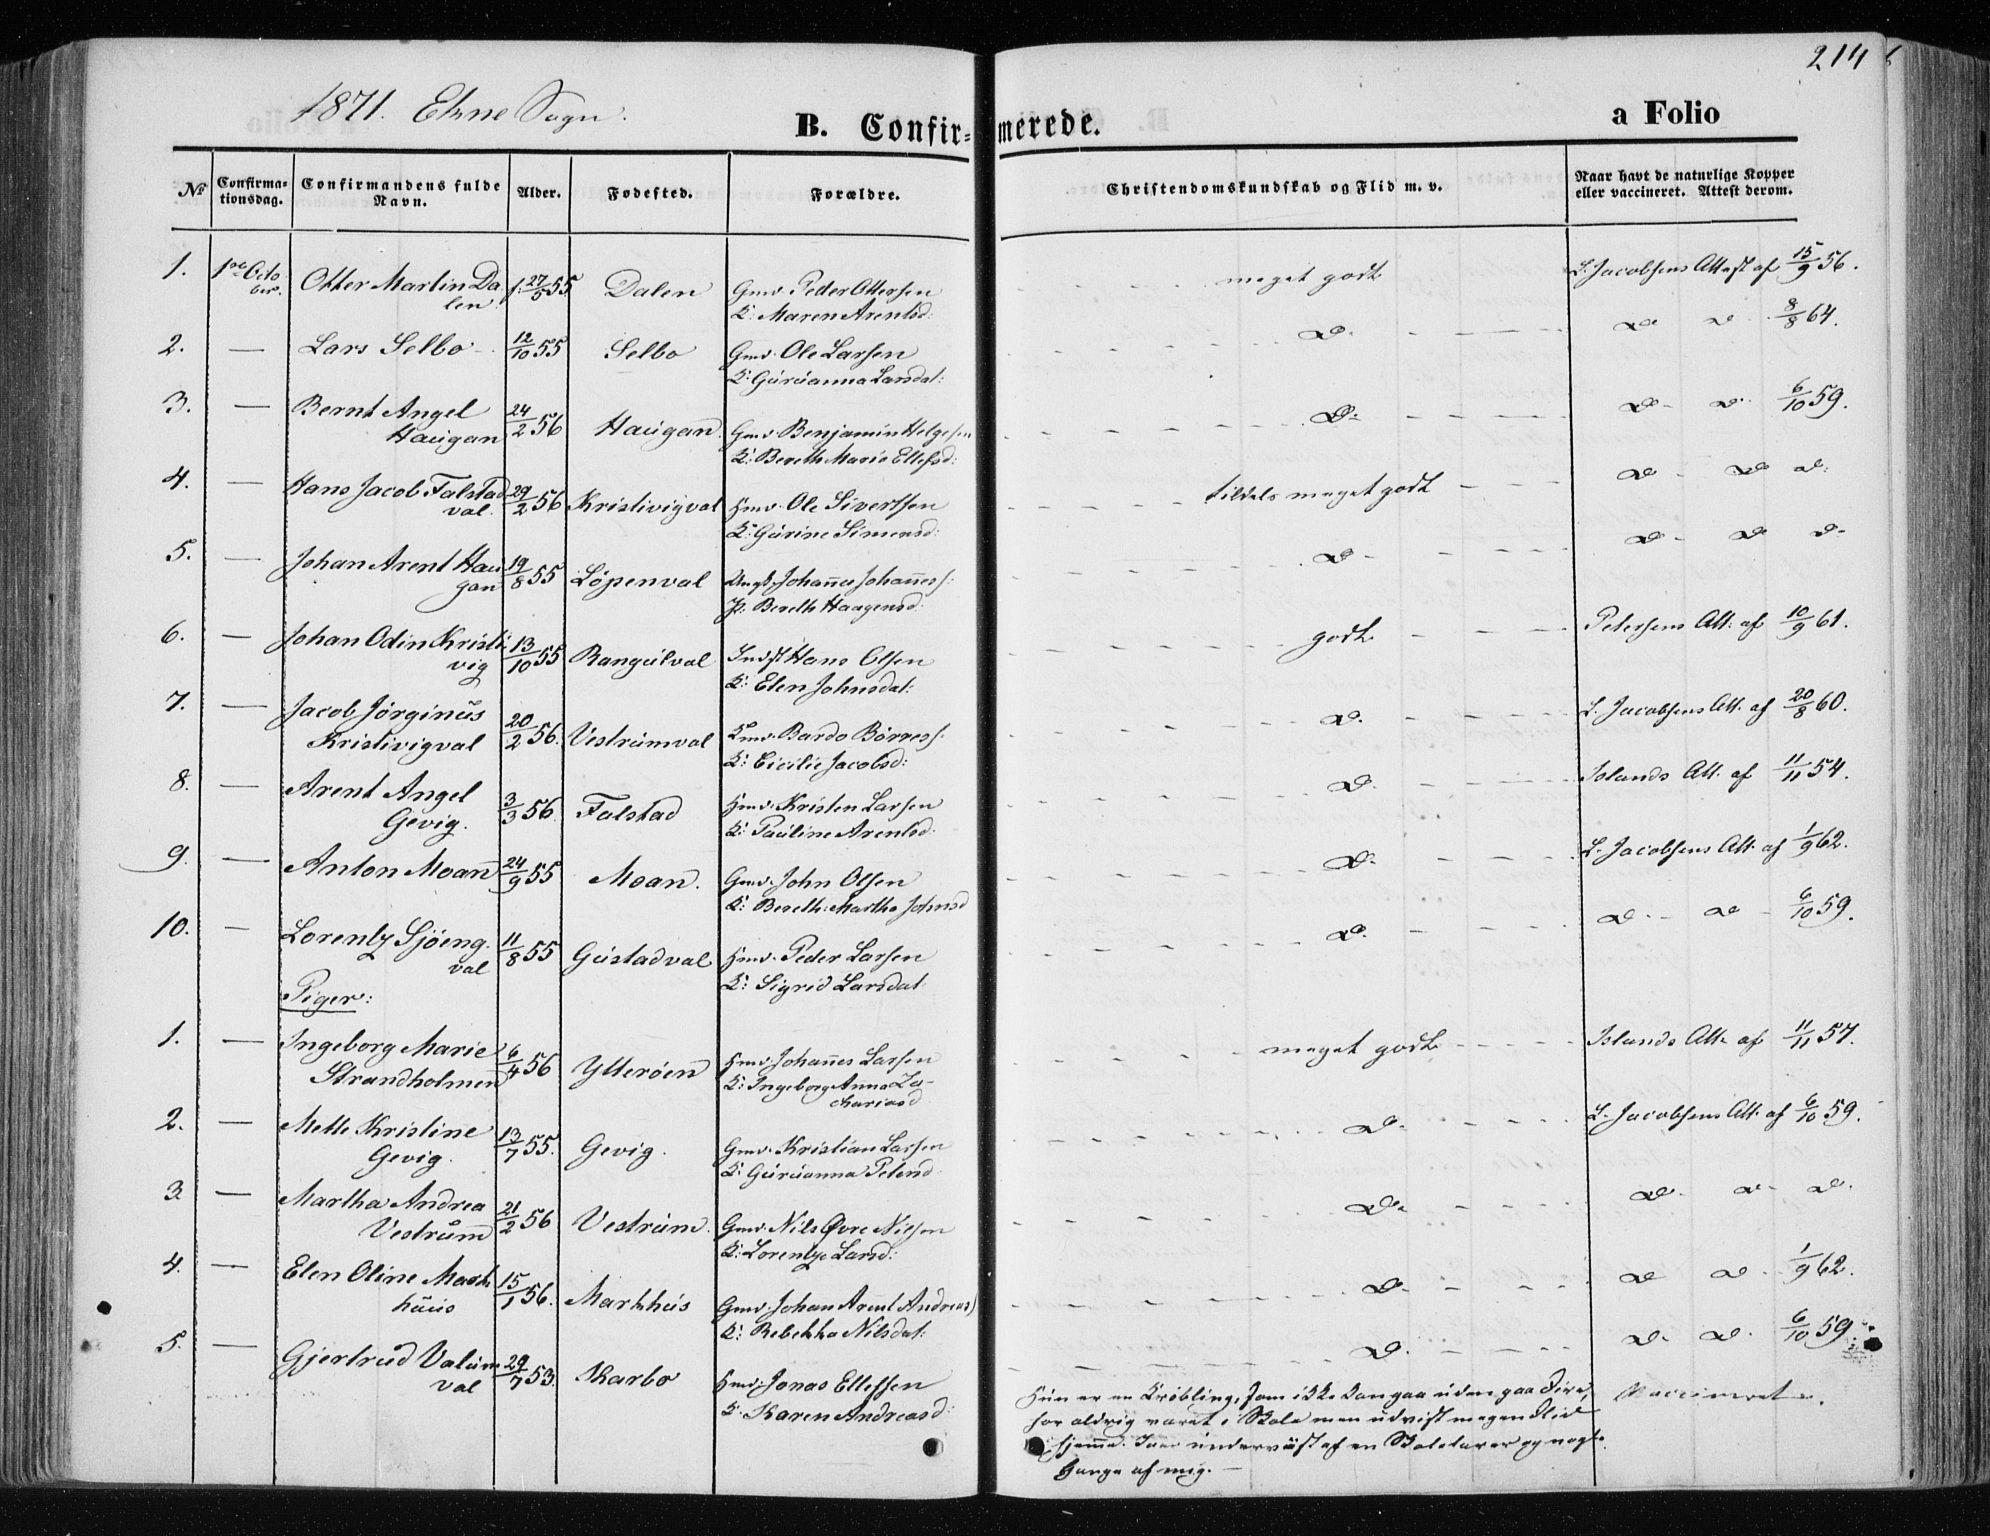 SAT, Ministerialprotokoller, klokkerbøker og fødselsregistre - Nord-Trøndelag, 717/L0157: Ministerialbok nr. 717A08 /1, 1863-1877, s. 214